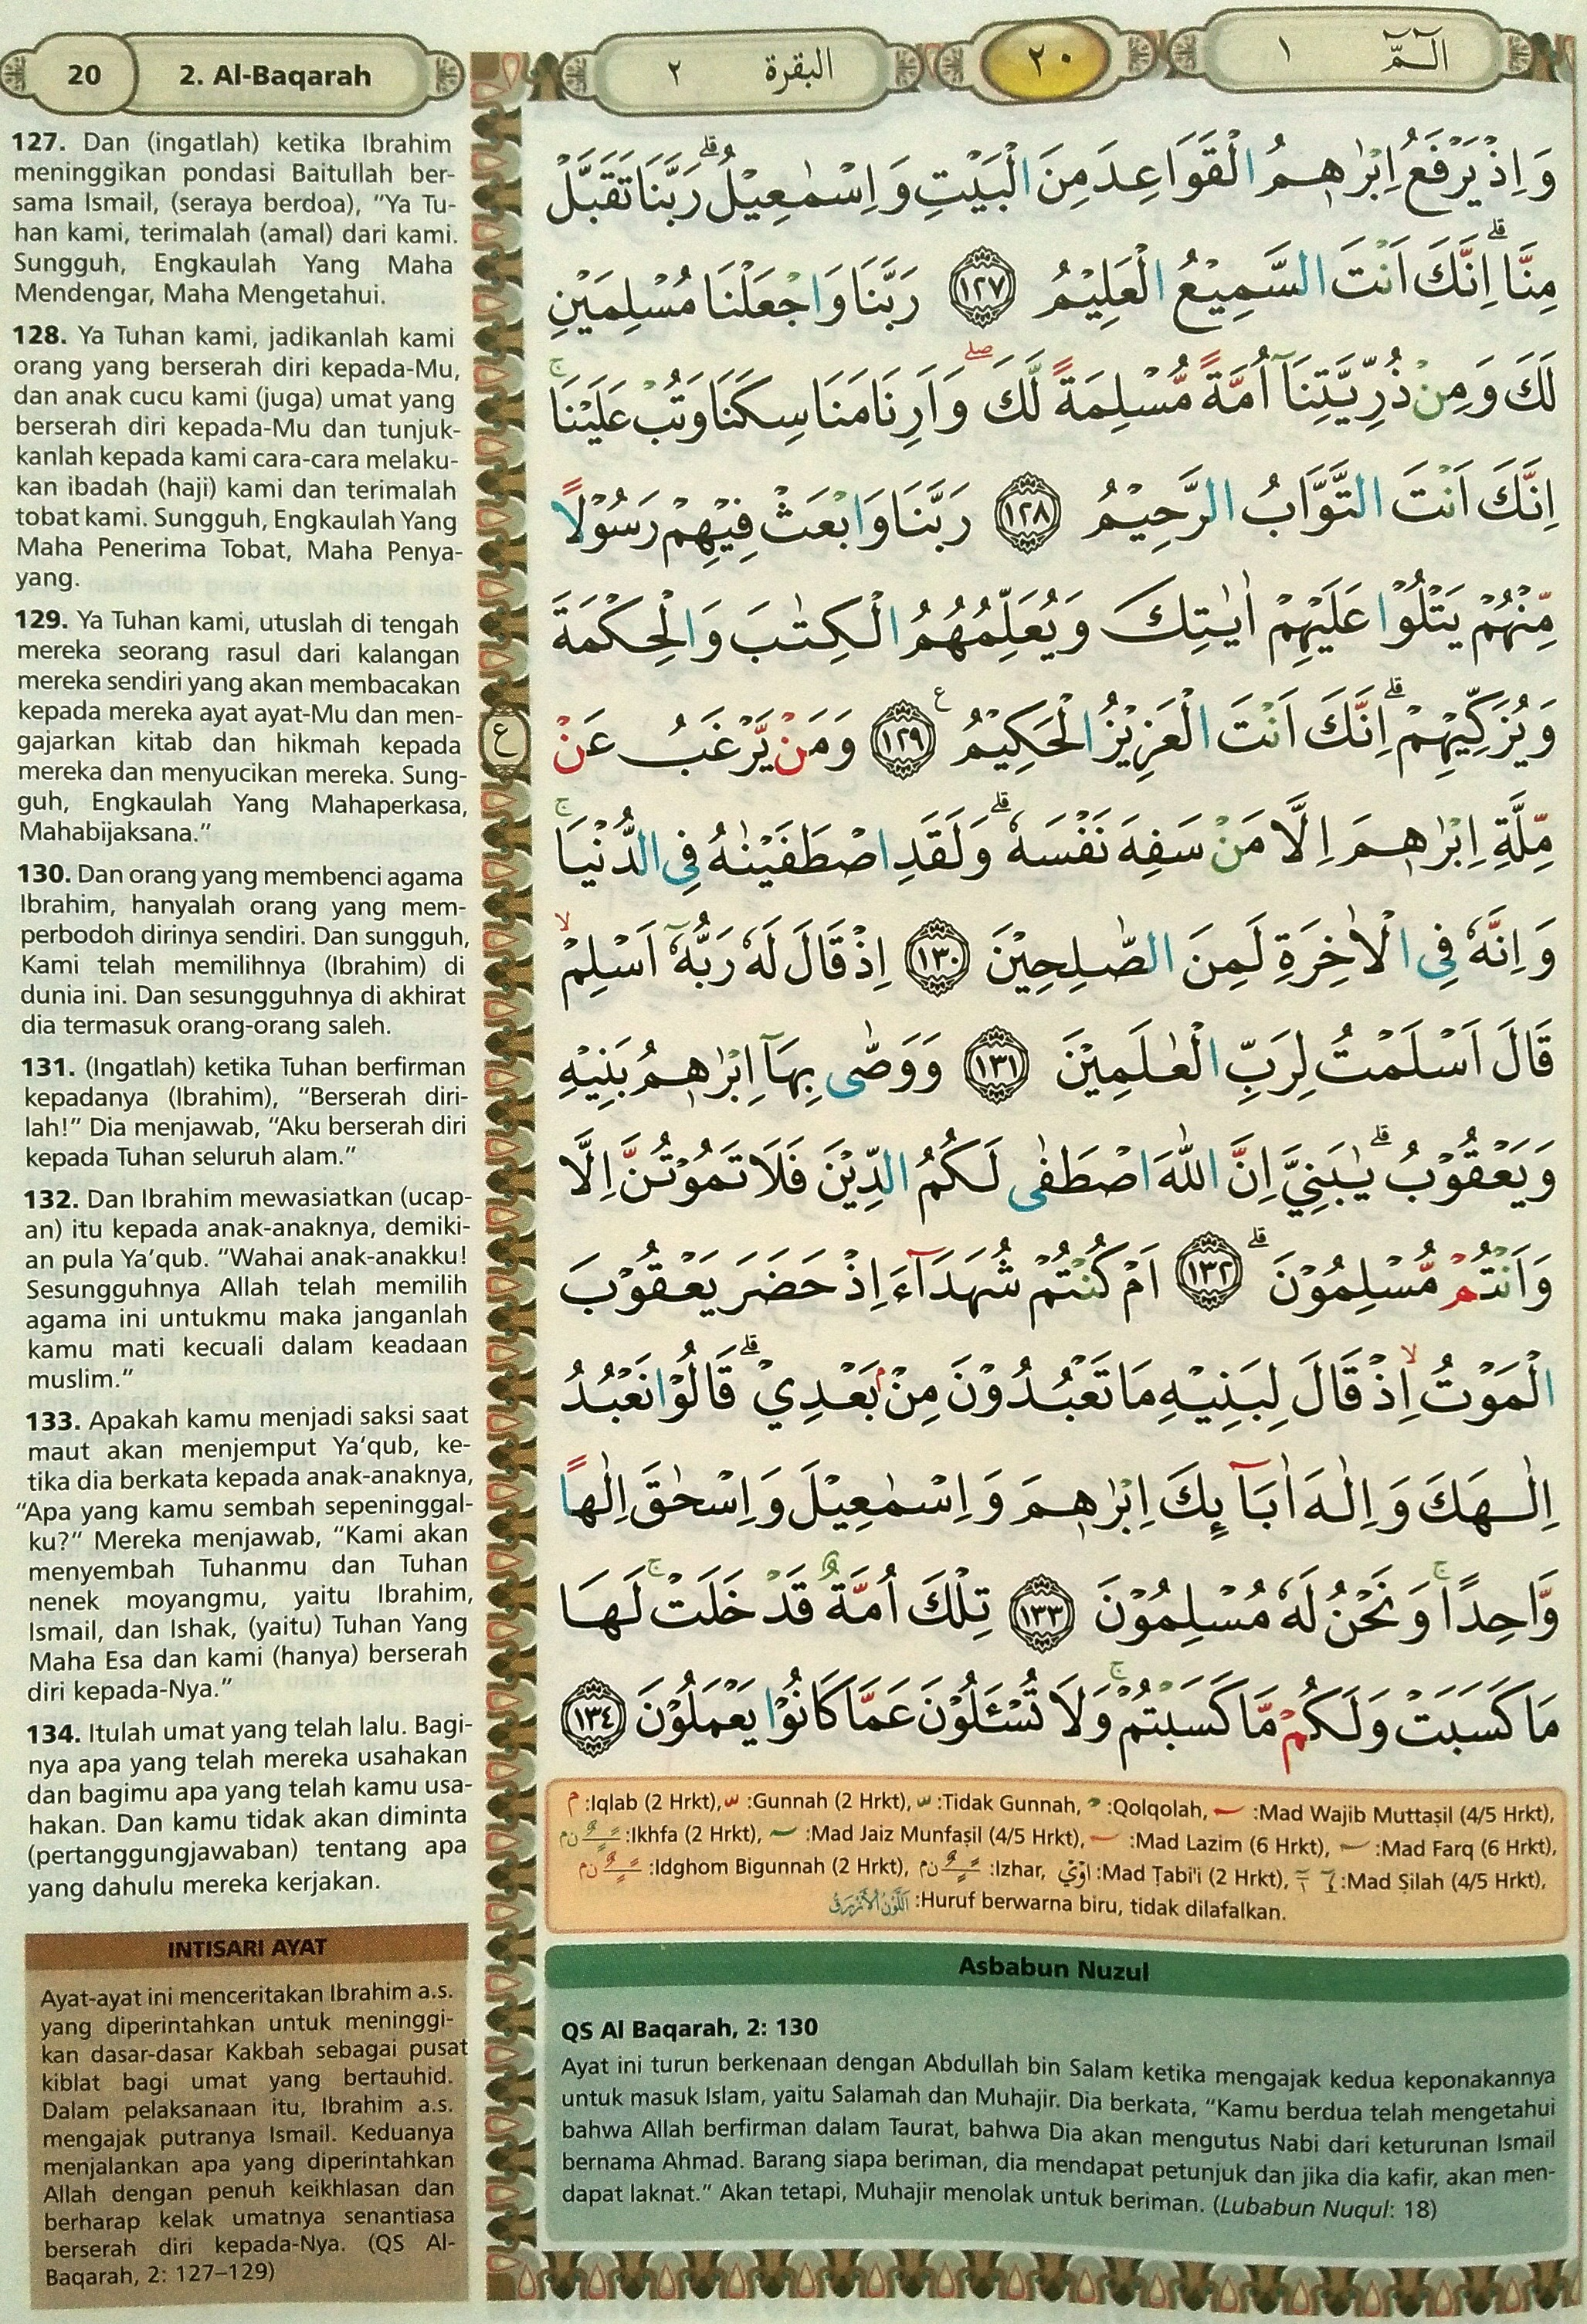 Al Baqarah 127-134